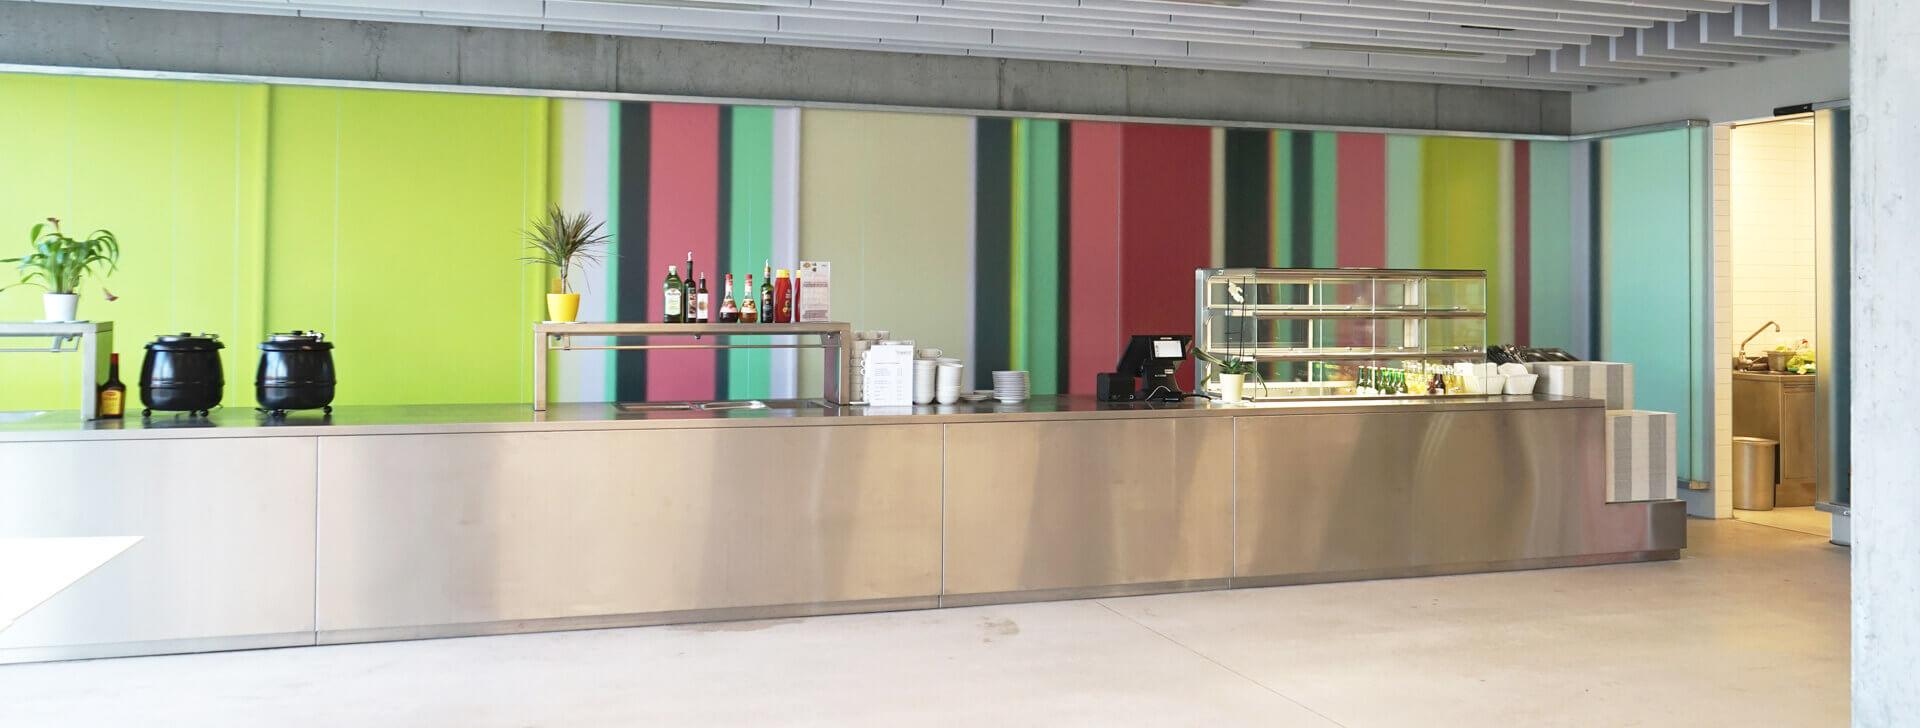 Croma_Headquarter_Architekturprojekt_farbgestaltung_ingo_nussbaumer_querkraft_Kantine_innen